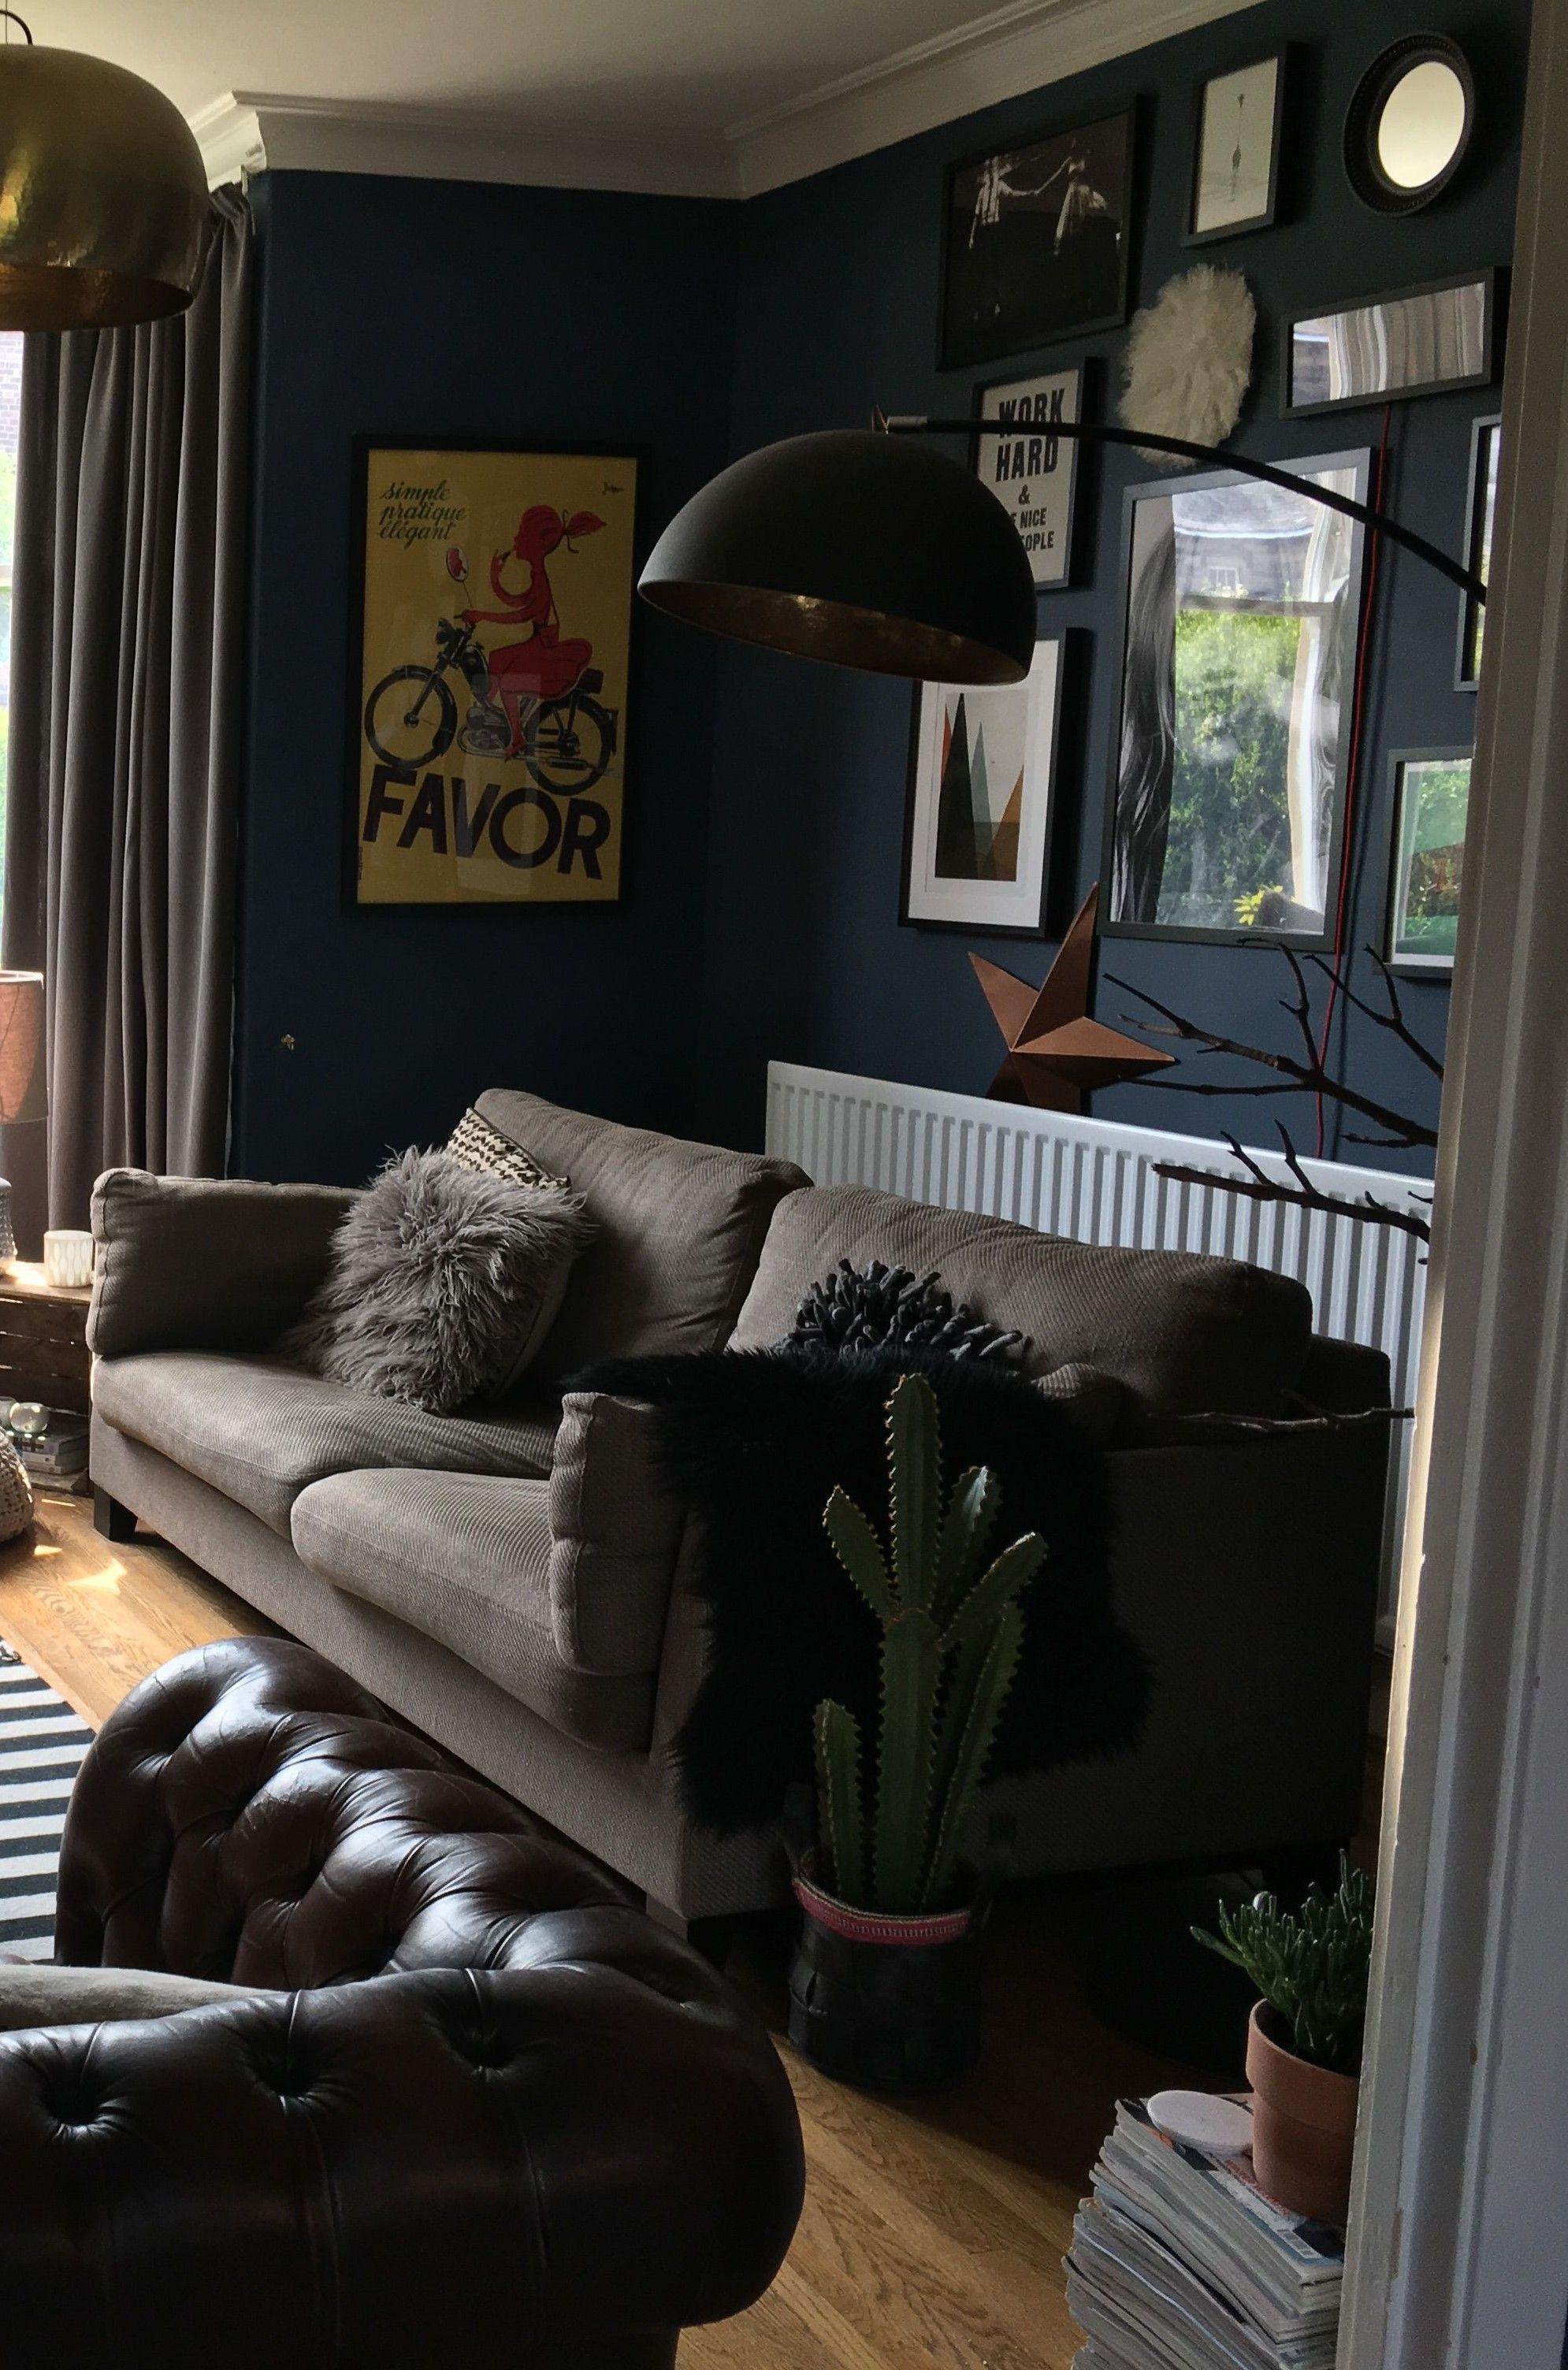 Pin On Living Room Ideas Decor Dark decor living room